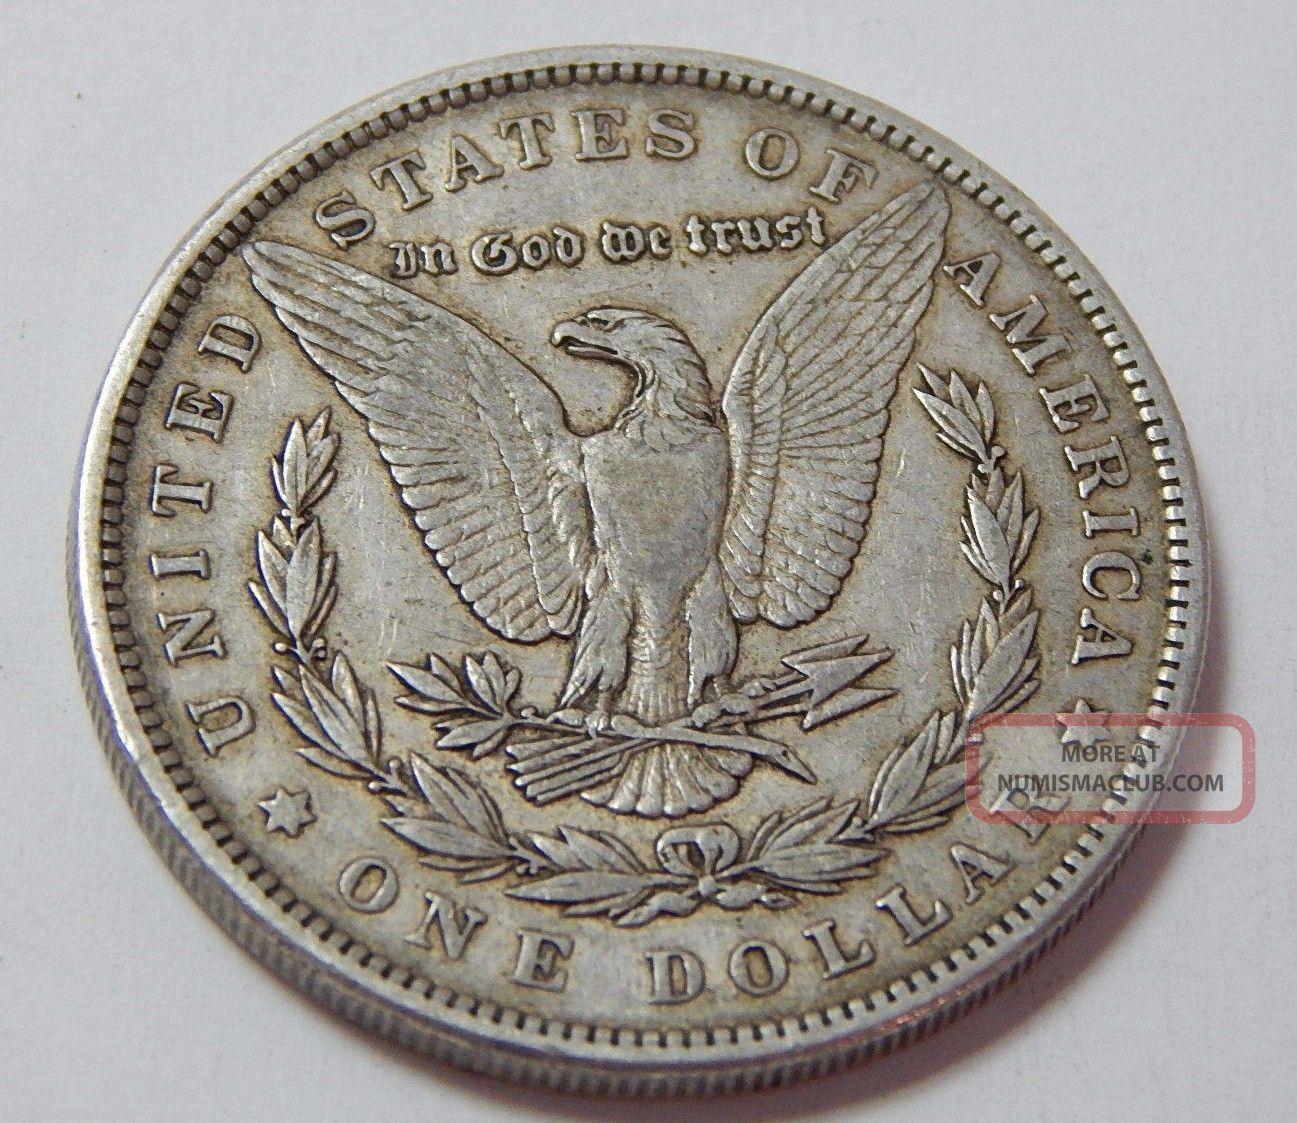 Antique 1889 Morgan Silver Dollar Coin 90